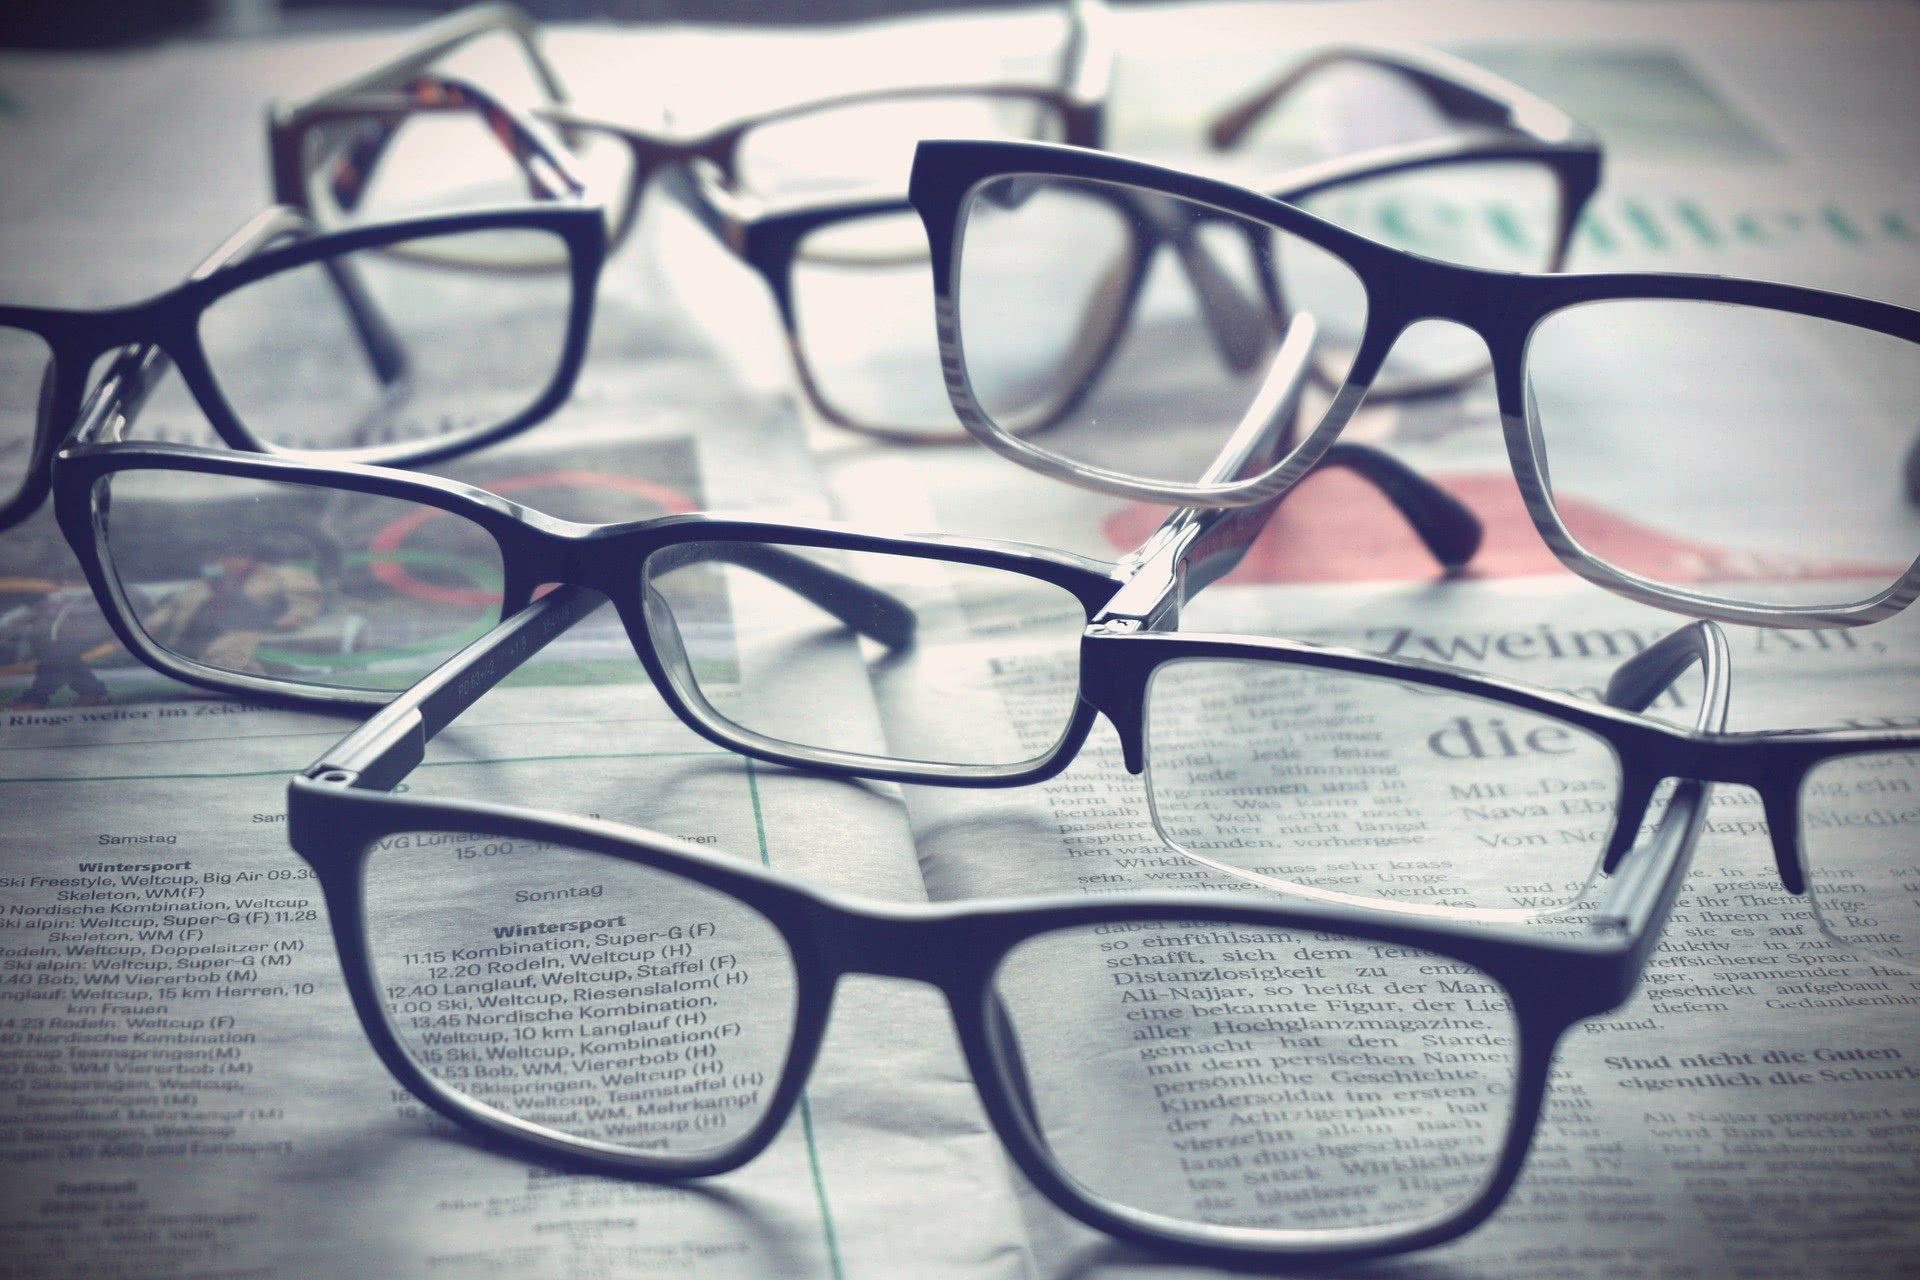 Foto: Zahlreiche Brillen, die auf Zeitungen liegen